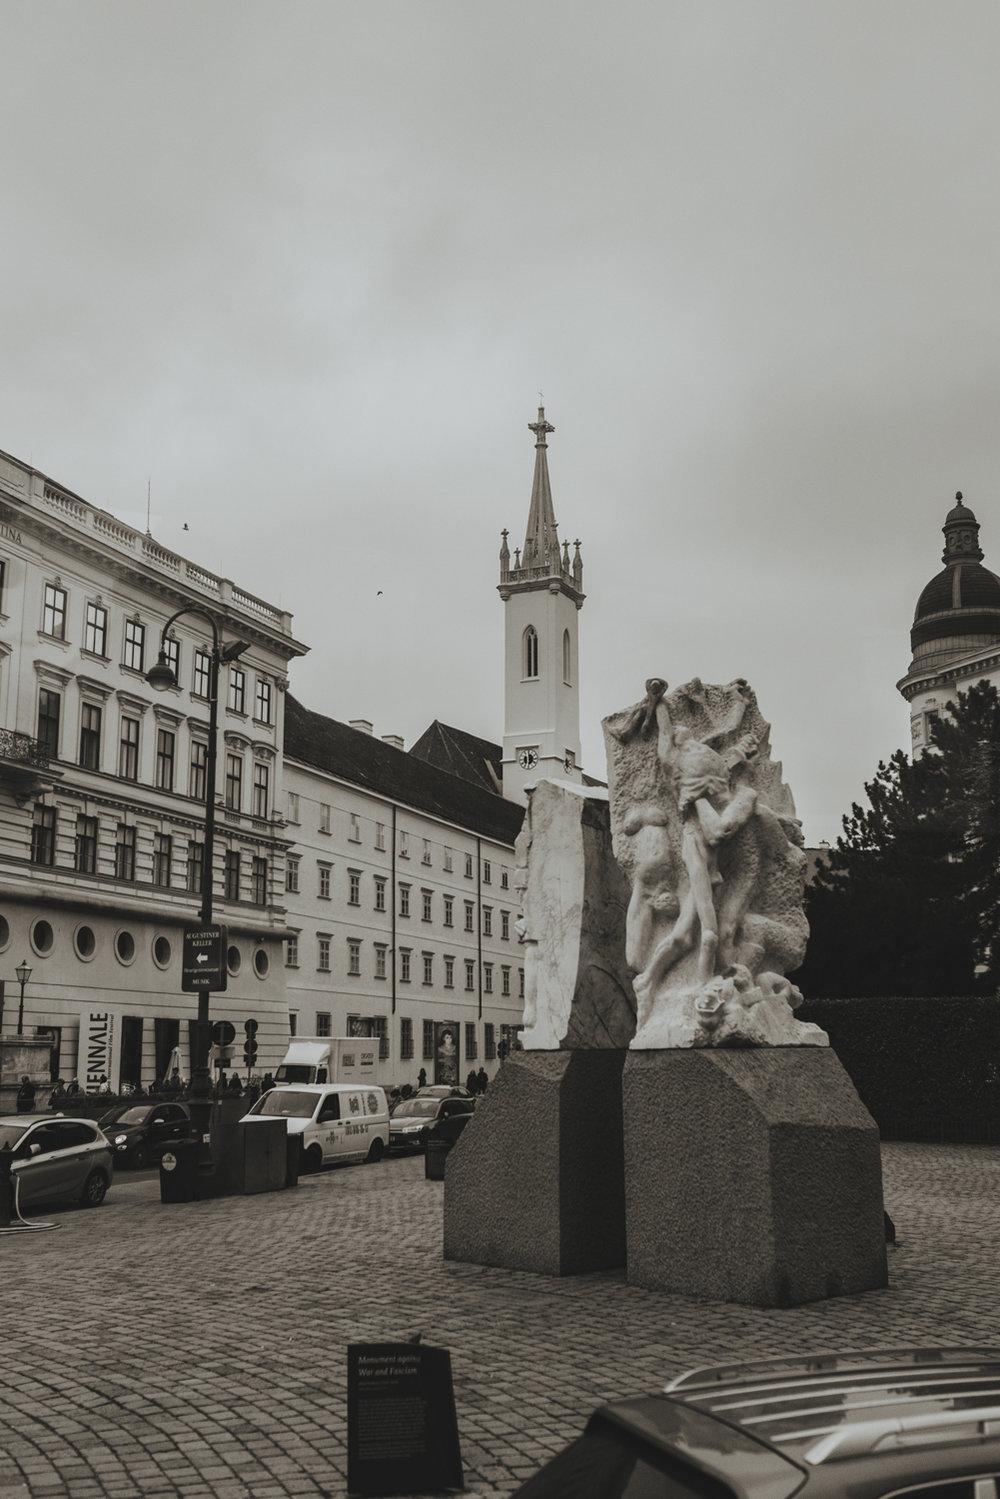 Holocaust memorial sculpture